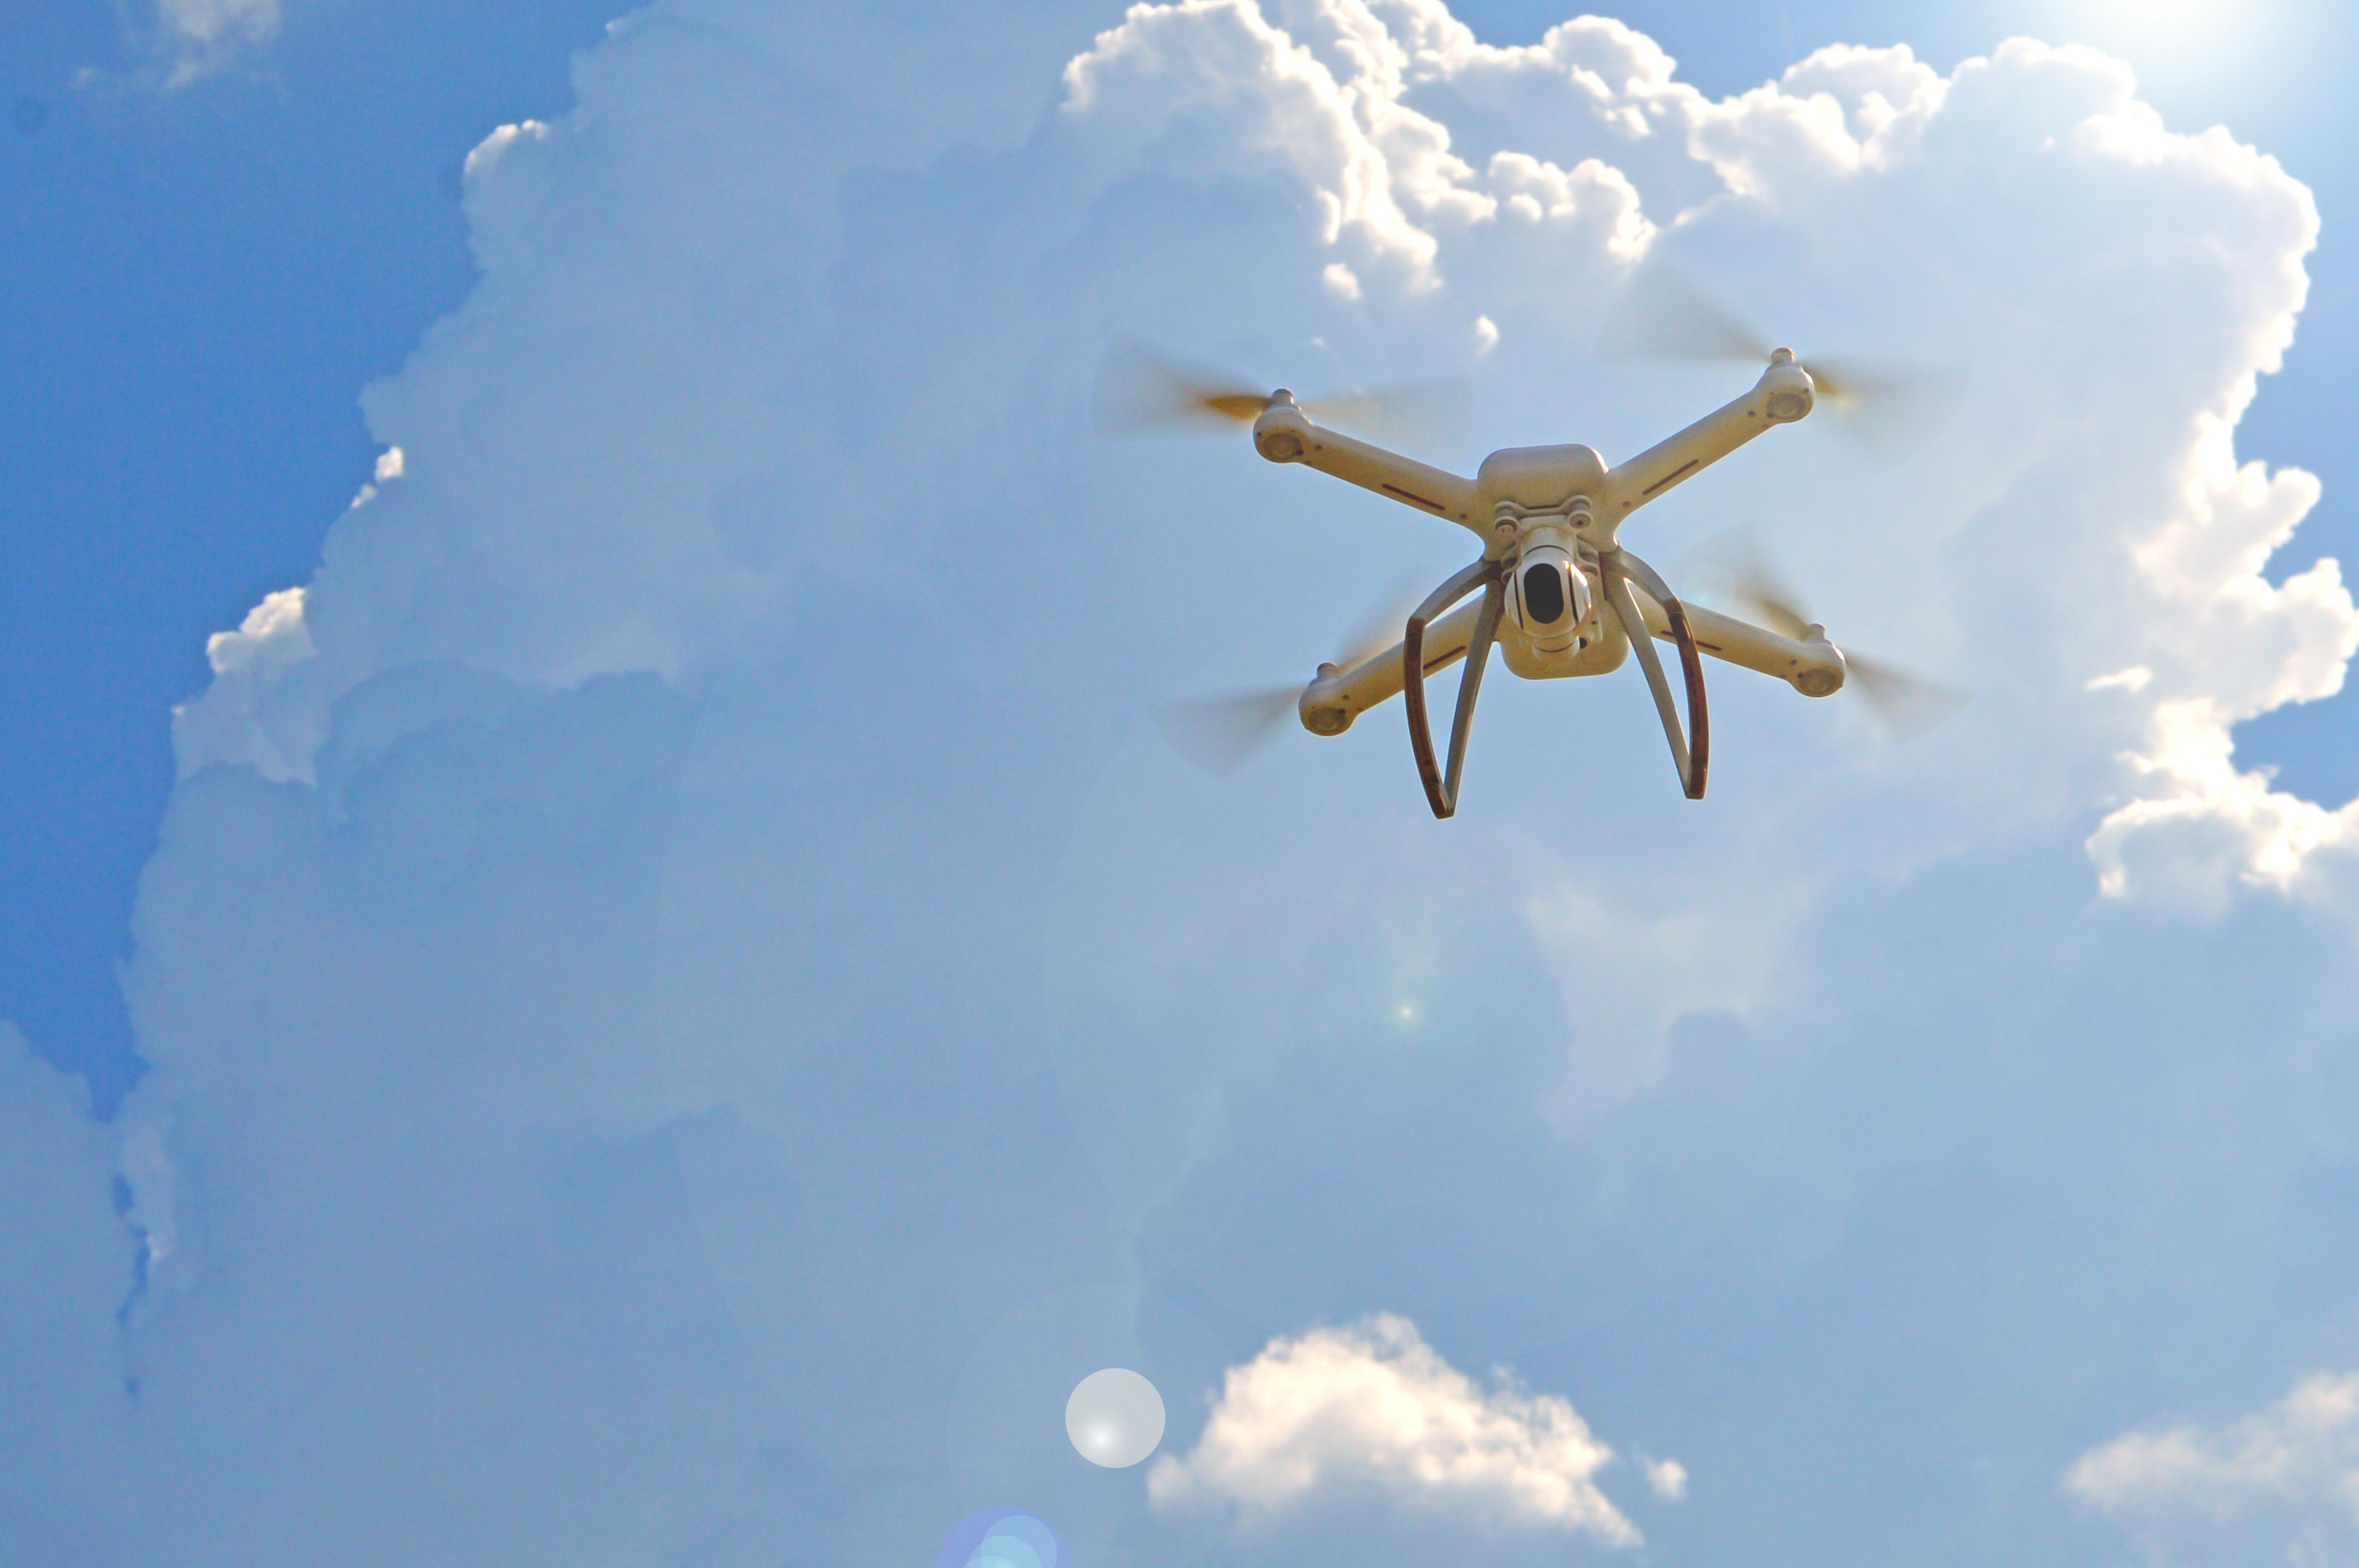 dronex pro souq